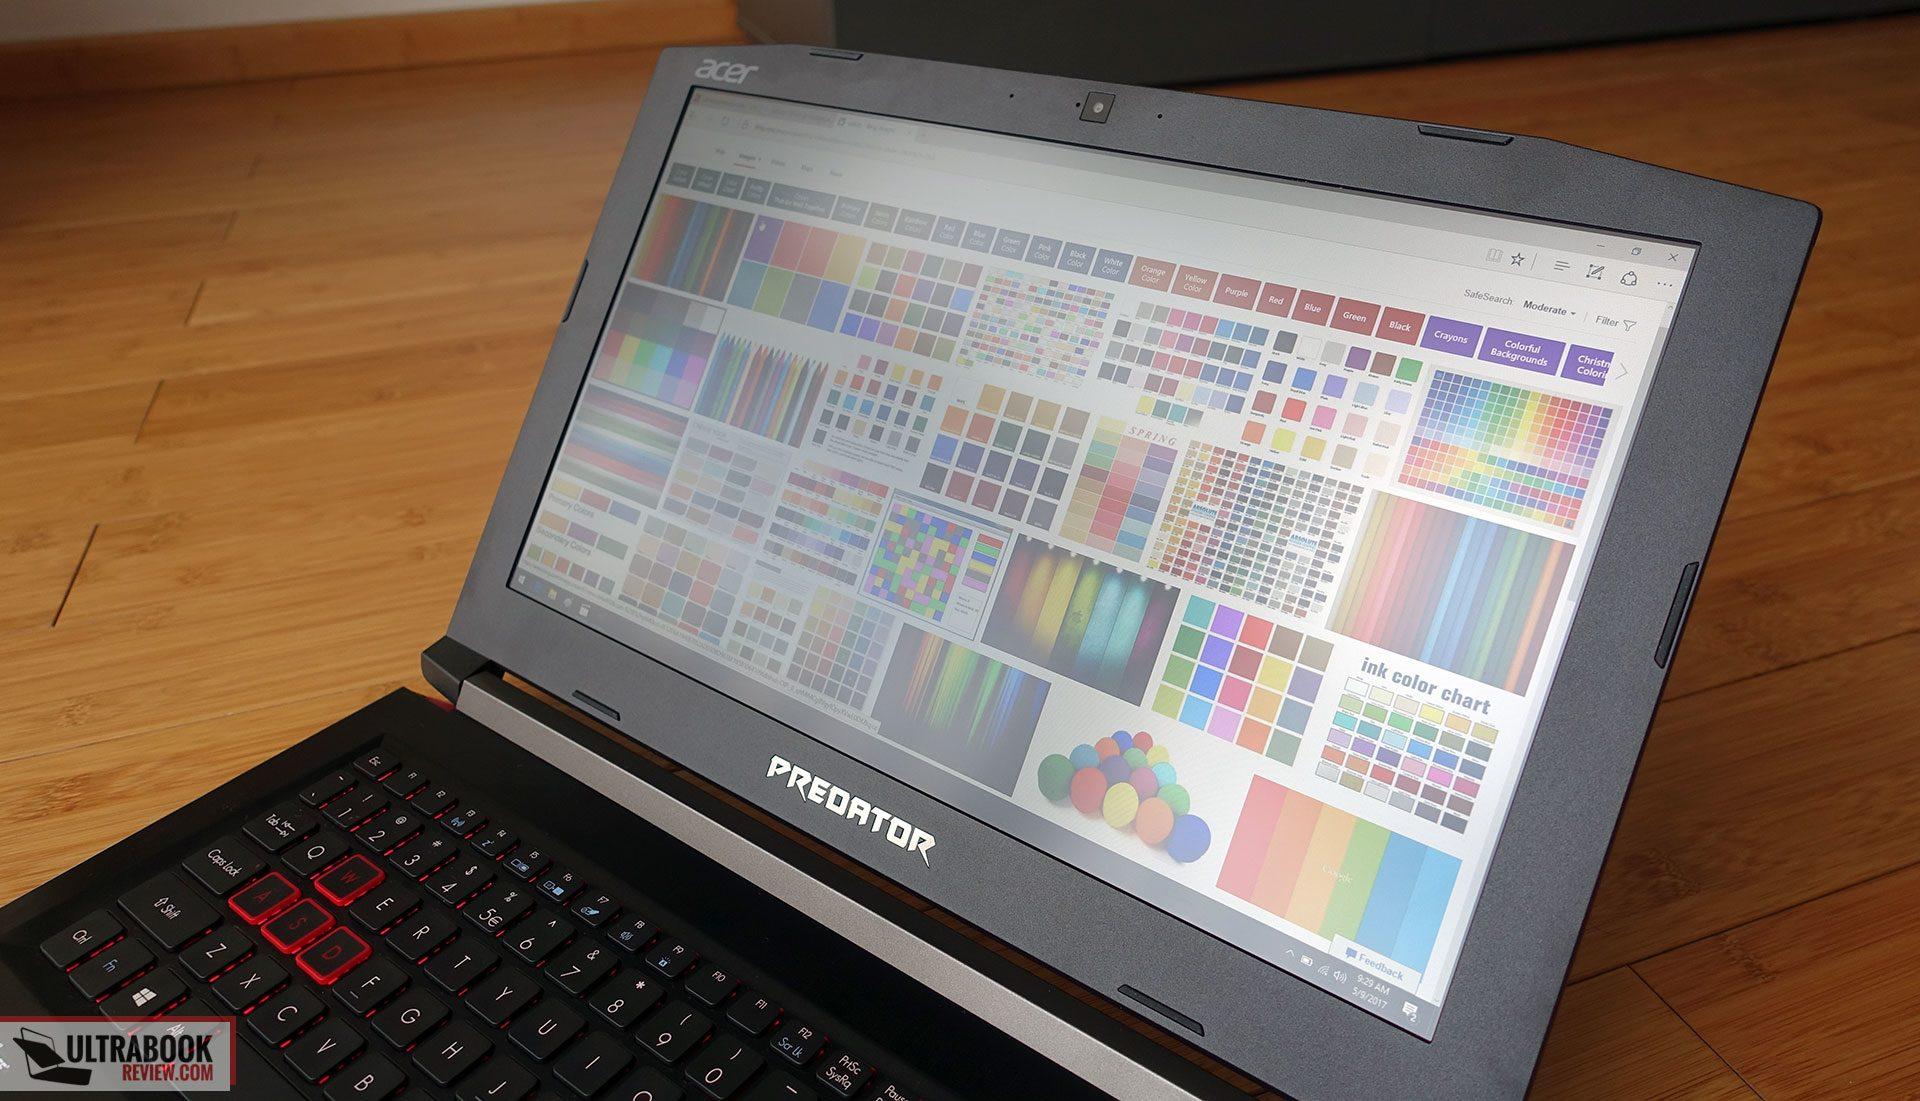 Acer Predator Helios 300 review (PH315-51 model - Core i7-8750H, GTX